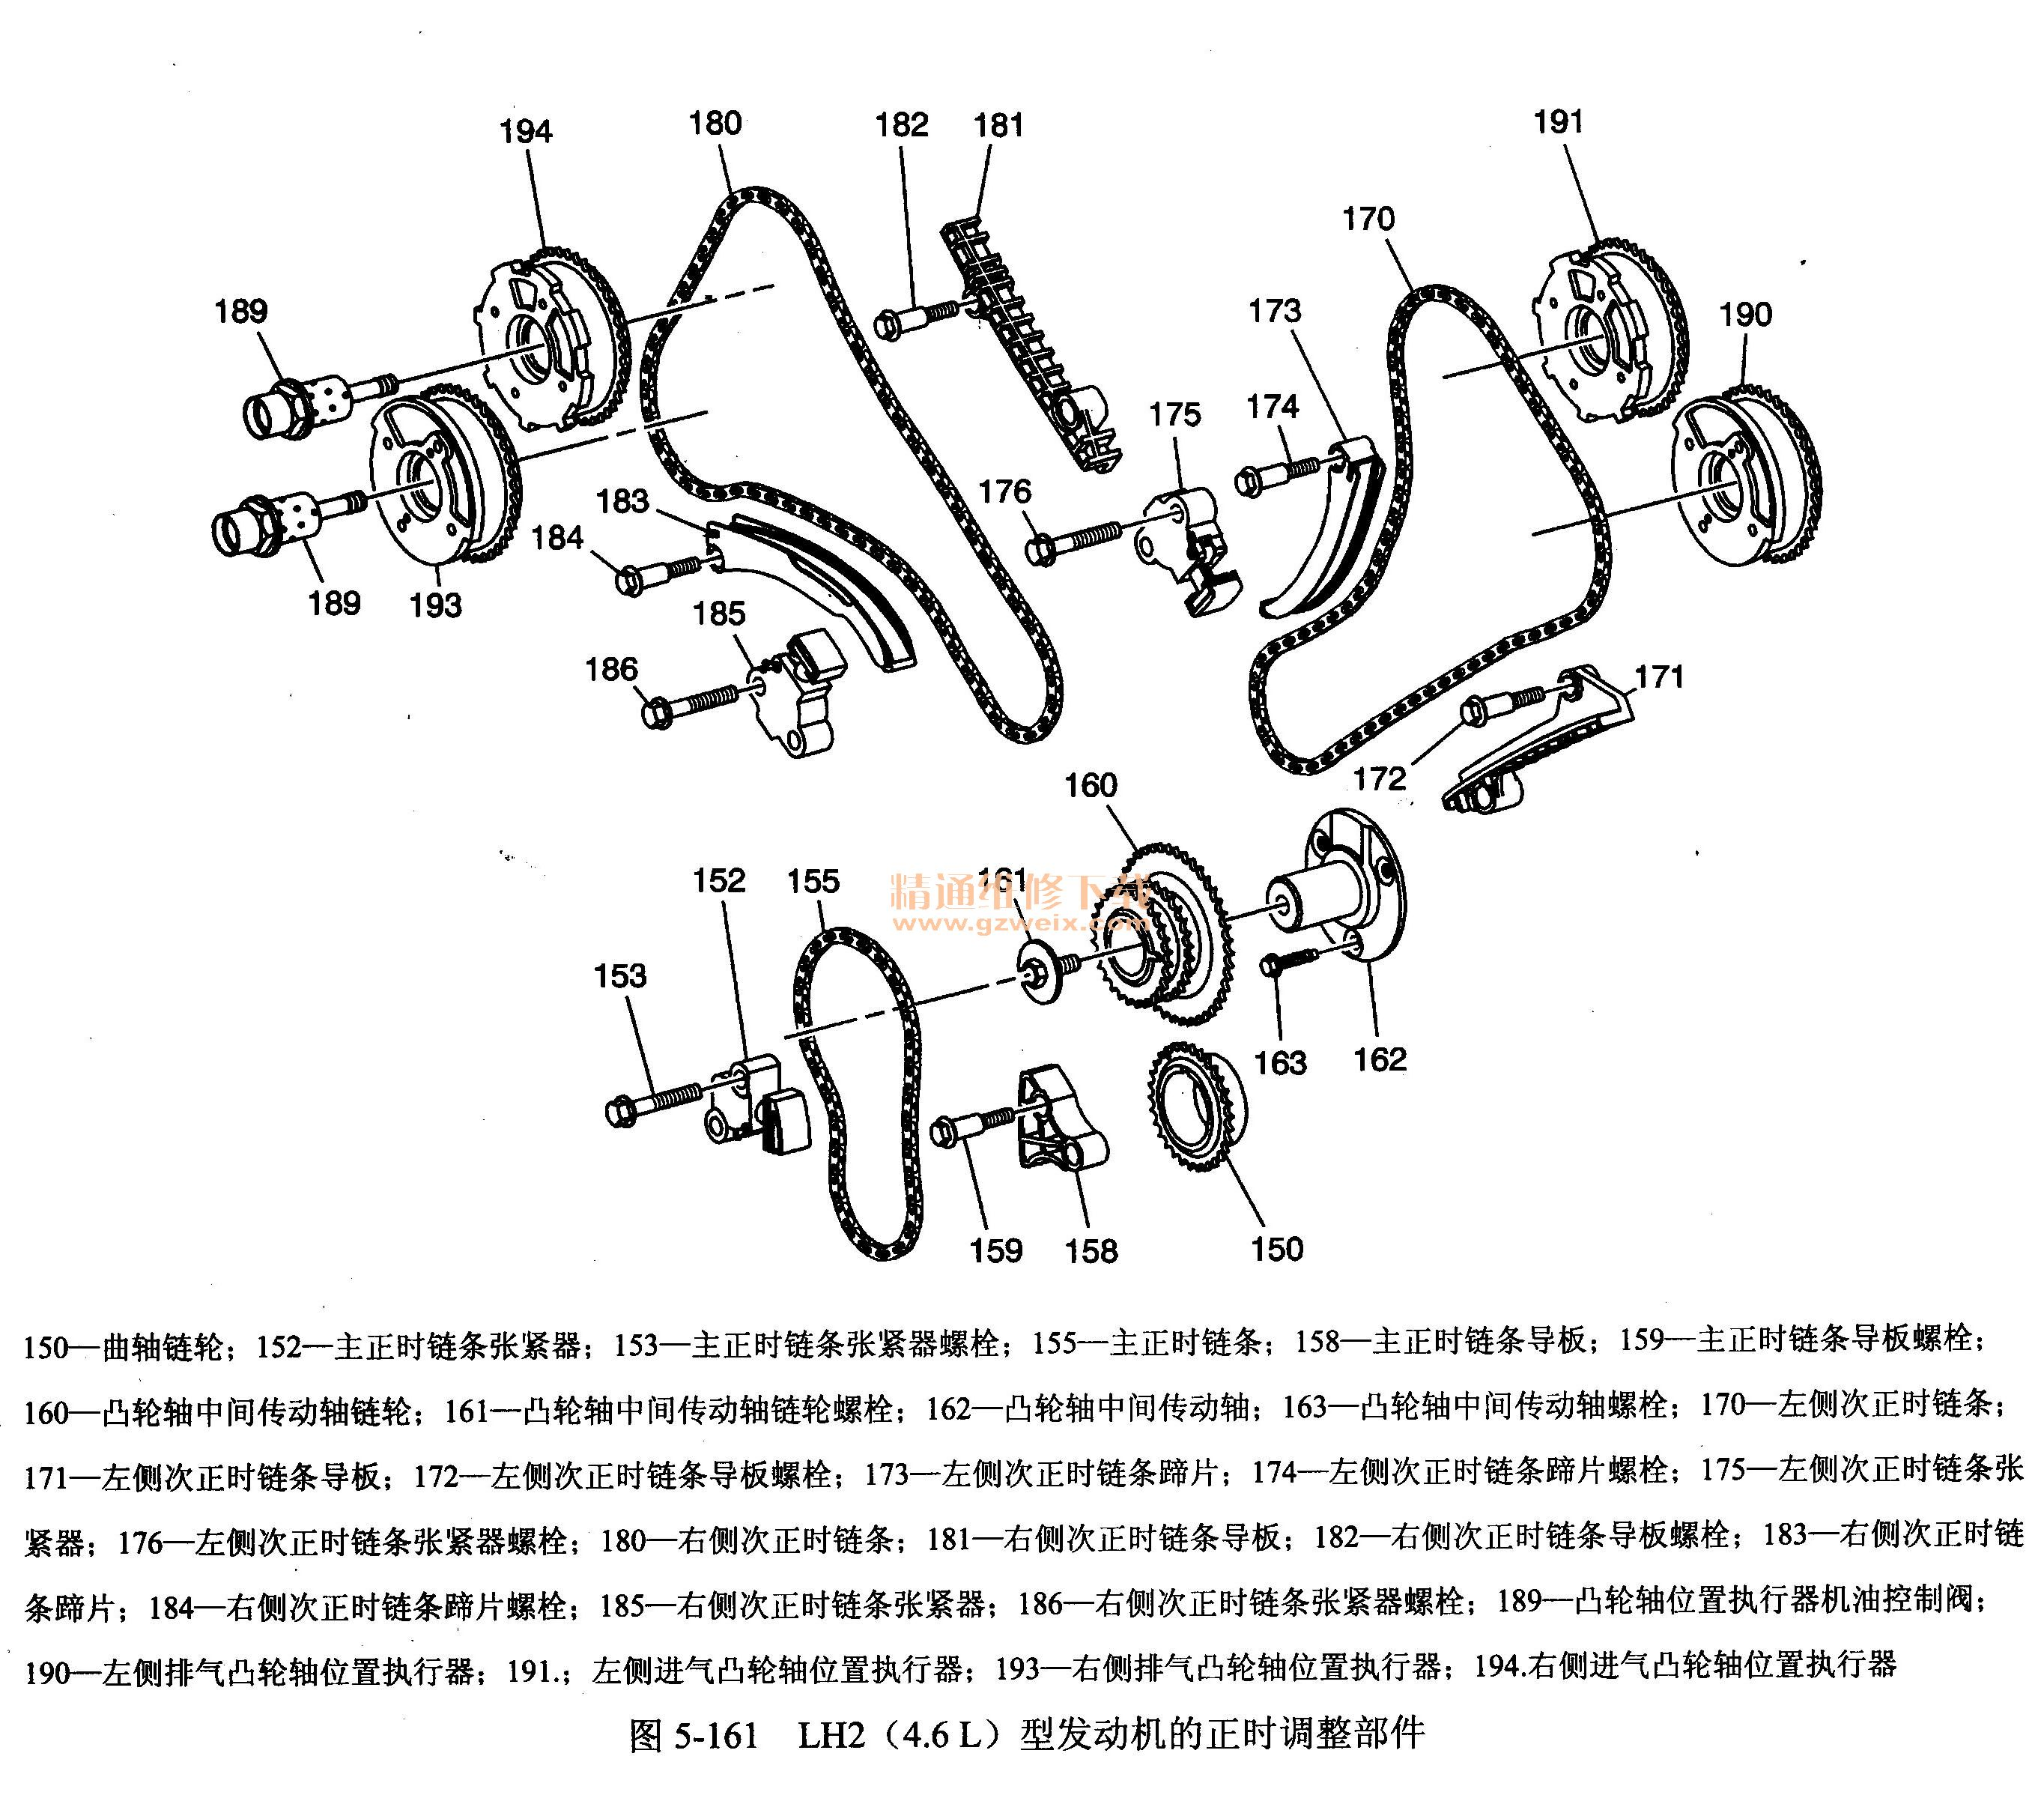 一、LH2 (4.6 L)型发动机正时系统的结构 LH2 (4.6 L)型发动机的正时调整部件如图5-161所示。  LH2 (4.6 L)型发动机凸轮轴正时传动链条的定位图如图5-162所示。  二、LH2 (4.6 L)型发动机的正时调整 (一)发动机左侧次凸轮轴传动链条的更换 拆卸步骤和方法 1.需拆下的右侧次正时链条如图5-163所示。  2.使用专用工具J-39946转动曲轴,直到各主正时齿轮定位标记1彼此相应对准。 3.拆下左侧凸轮轴位置执行器壳体。不要从壳体上拆下执行器电磁阀。 4.将专用工